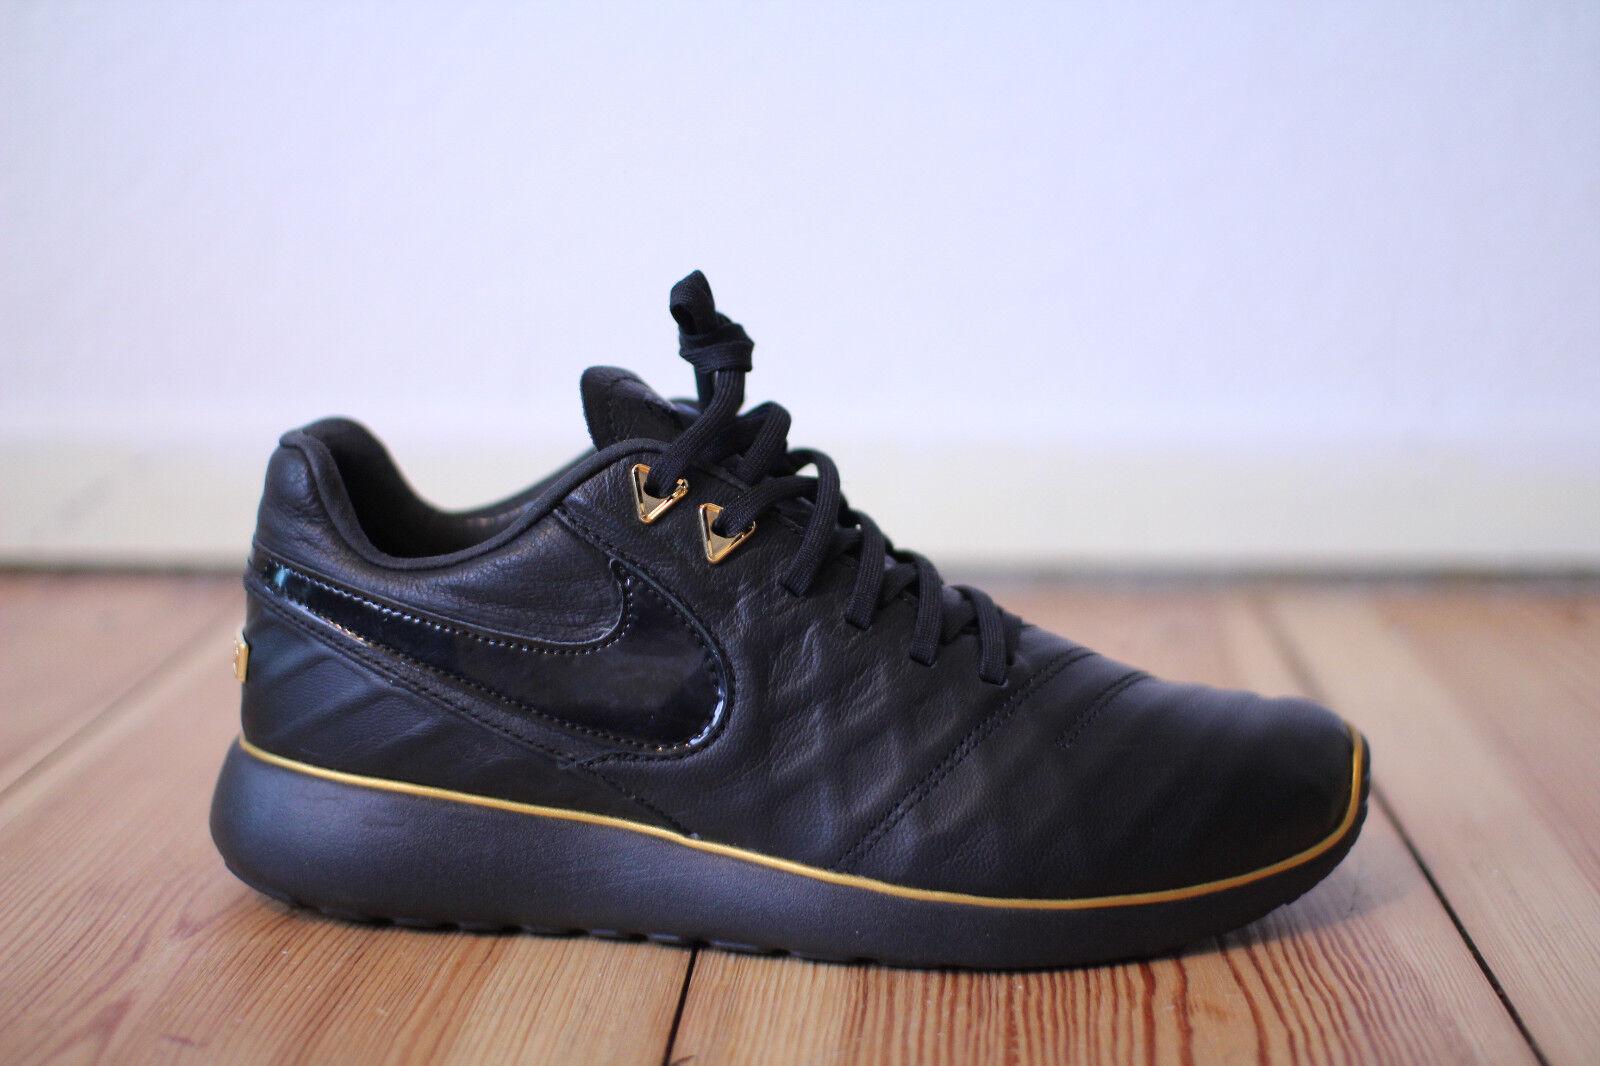 Nike X Roshe Tiempo VI OR Olivier Olivier Olivier Rousteing (Balmain) Gr. 42,5 UK 8 NEU & OVP 6a6ae1